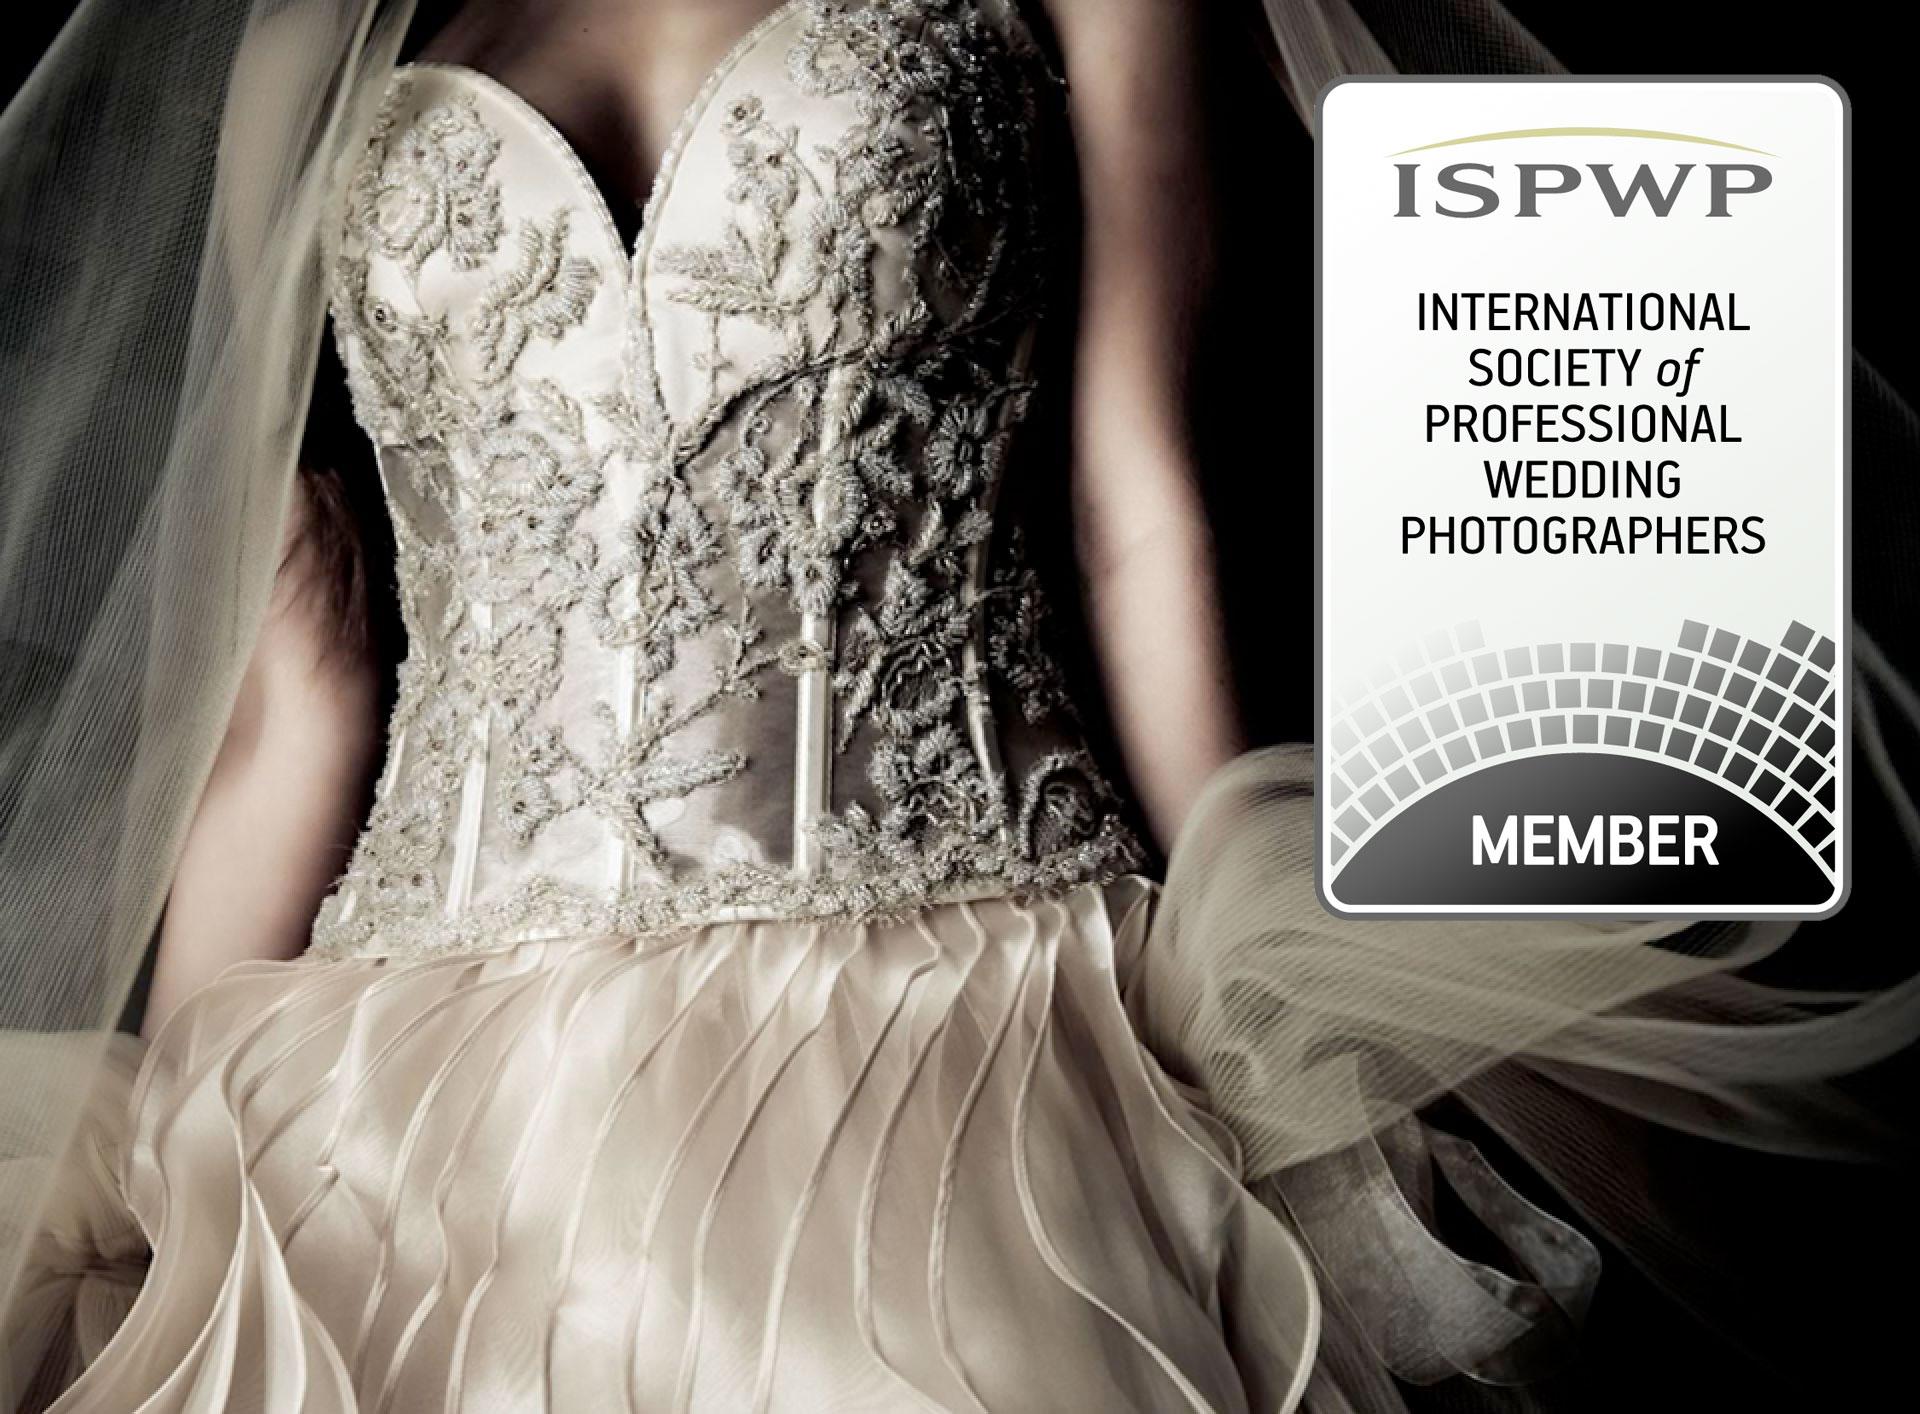 ispwp-foto